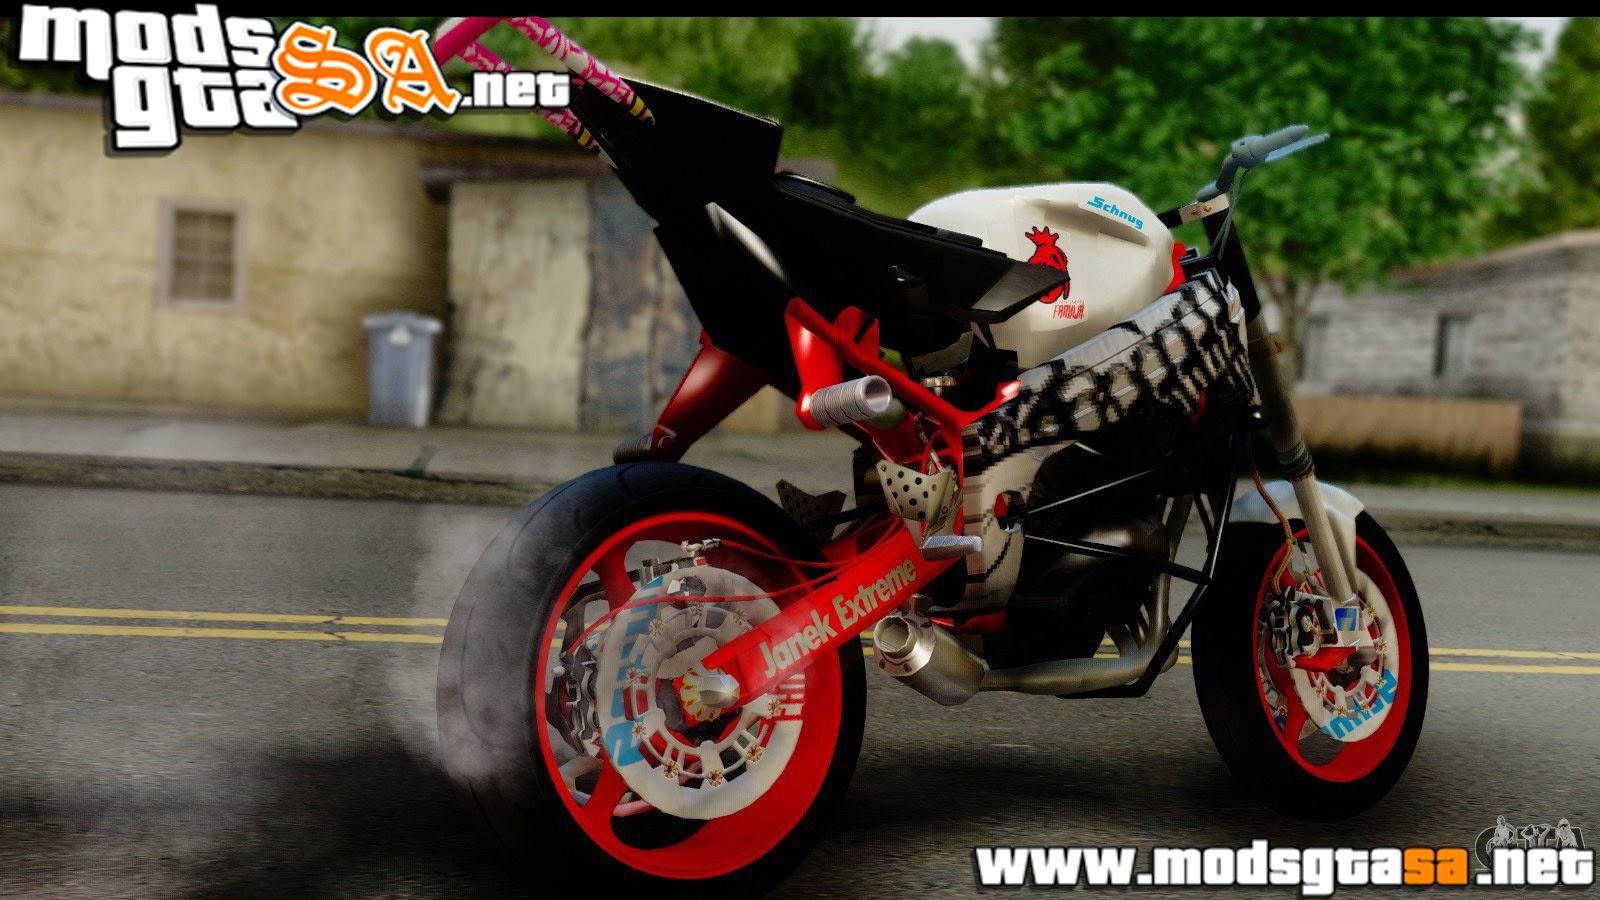 SA - Kawasaki Ninja ZX6R v3.1 Fixed